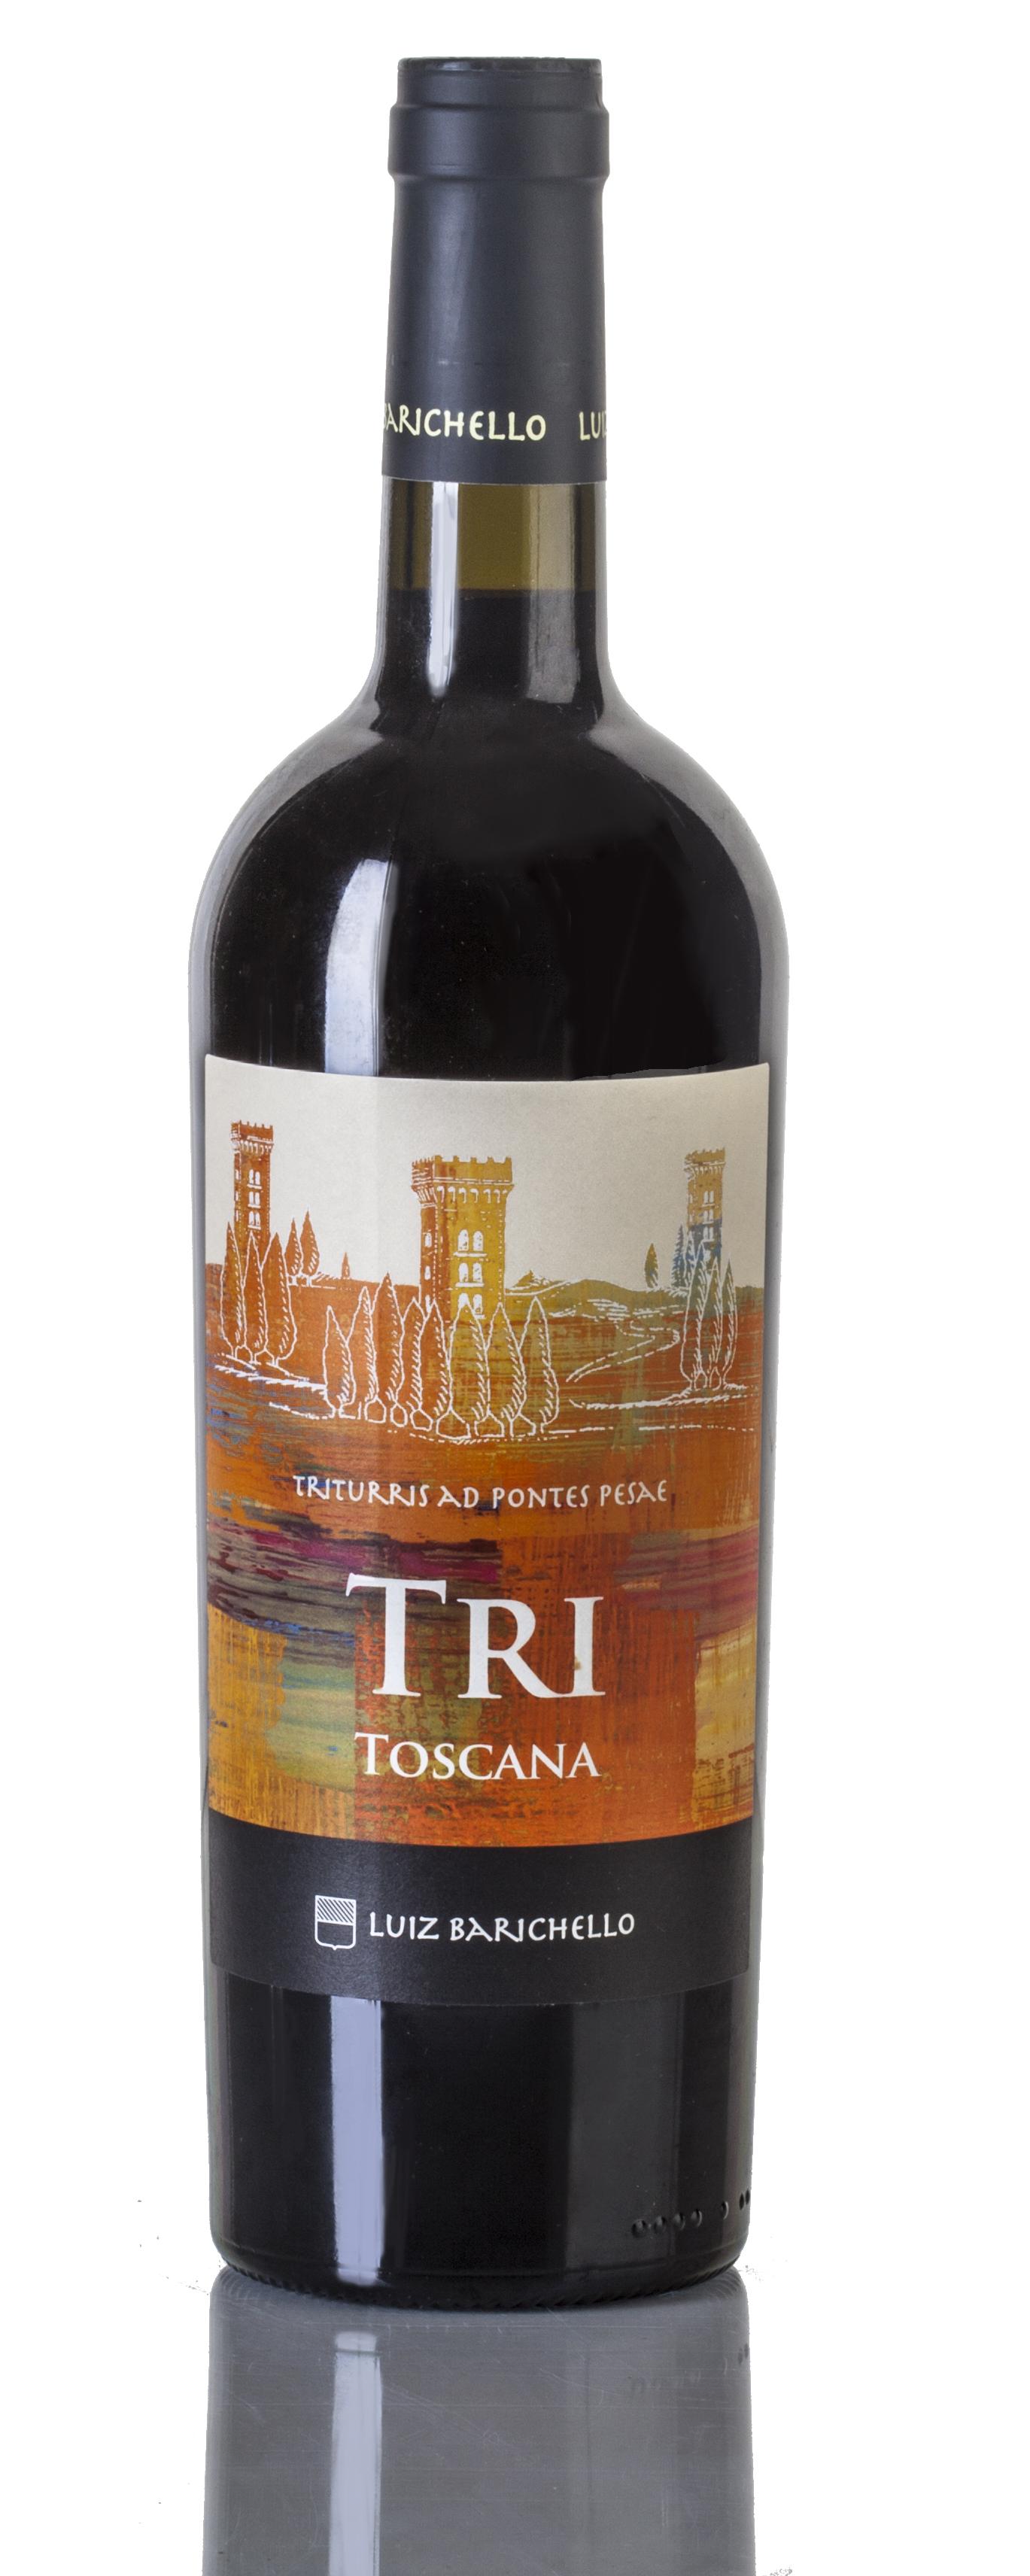 Tri IGT Toscana Rosso